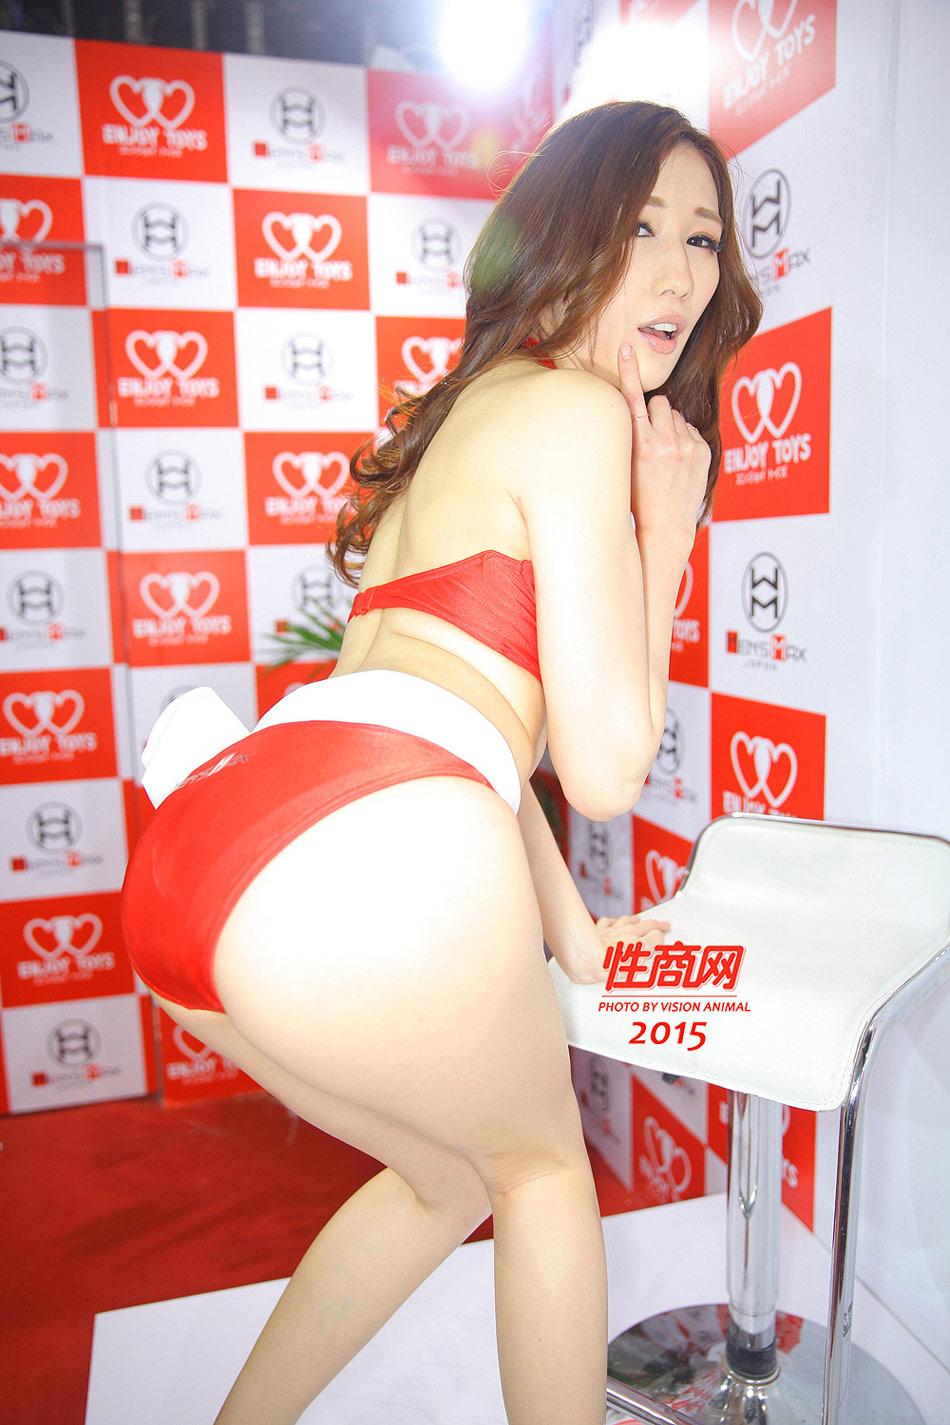 2015上海国际成人展――性感模特(1)图片49